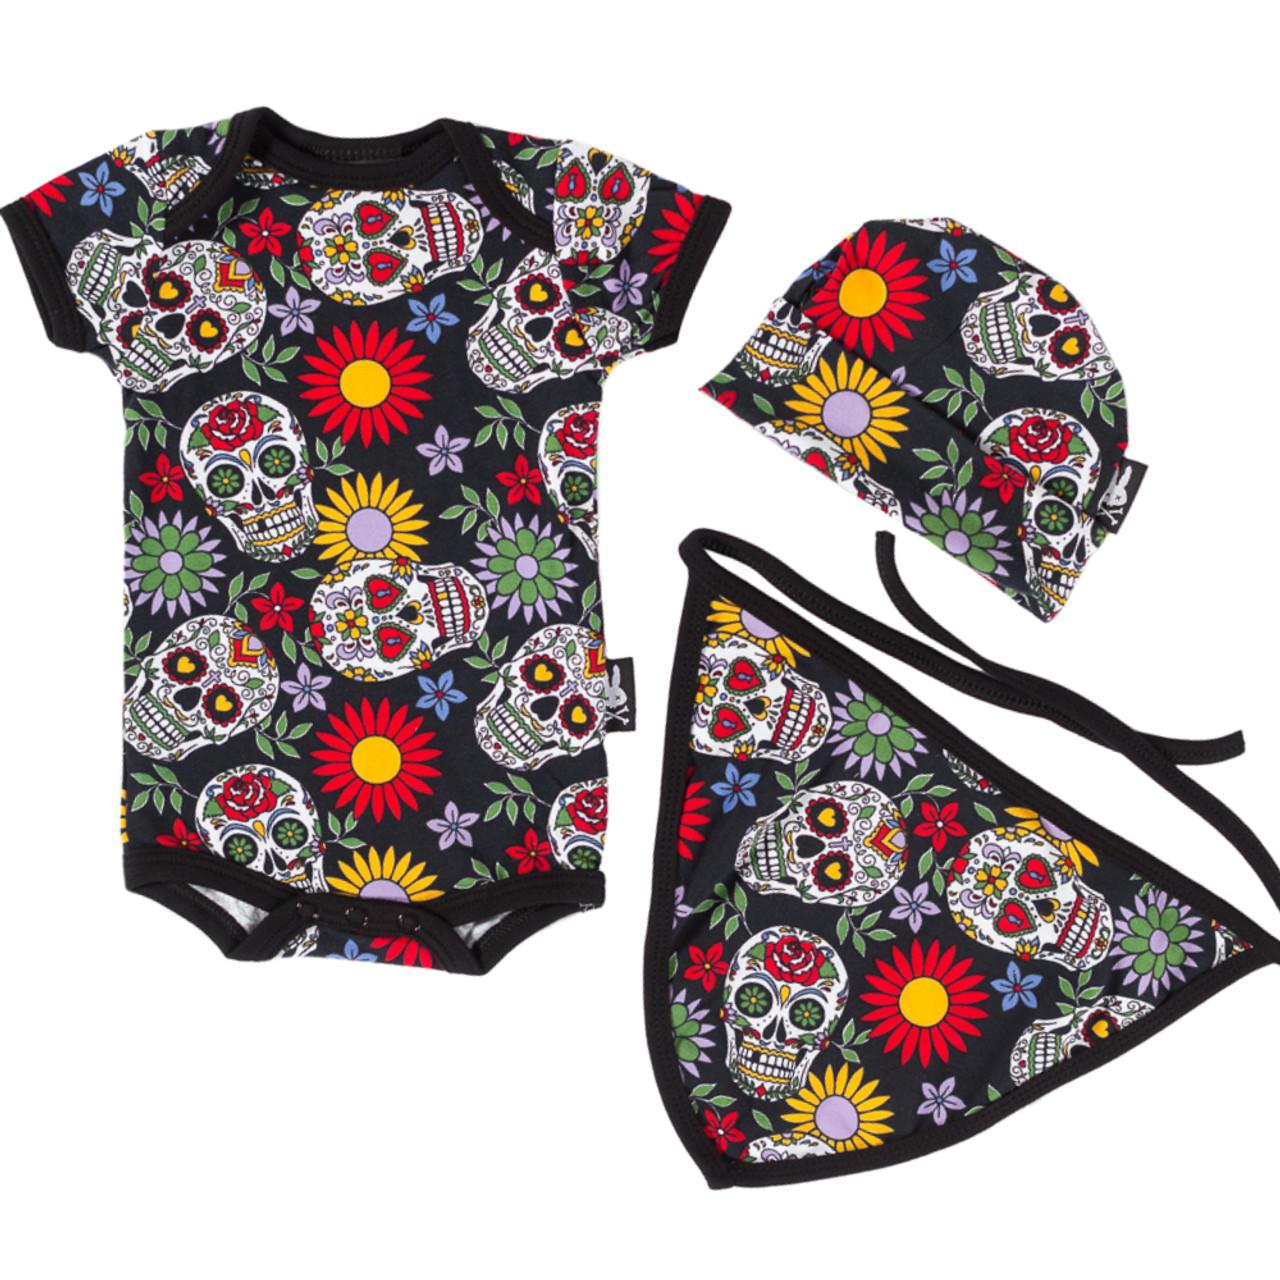 631fd0bf0215 Six Bunnies Sugar Skulls Baby Gift Set